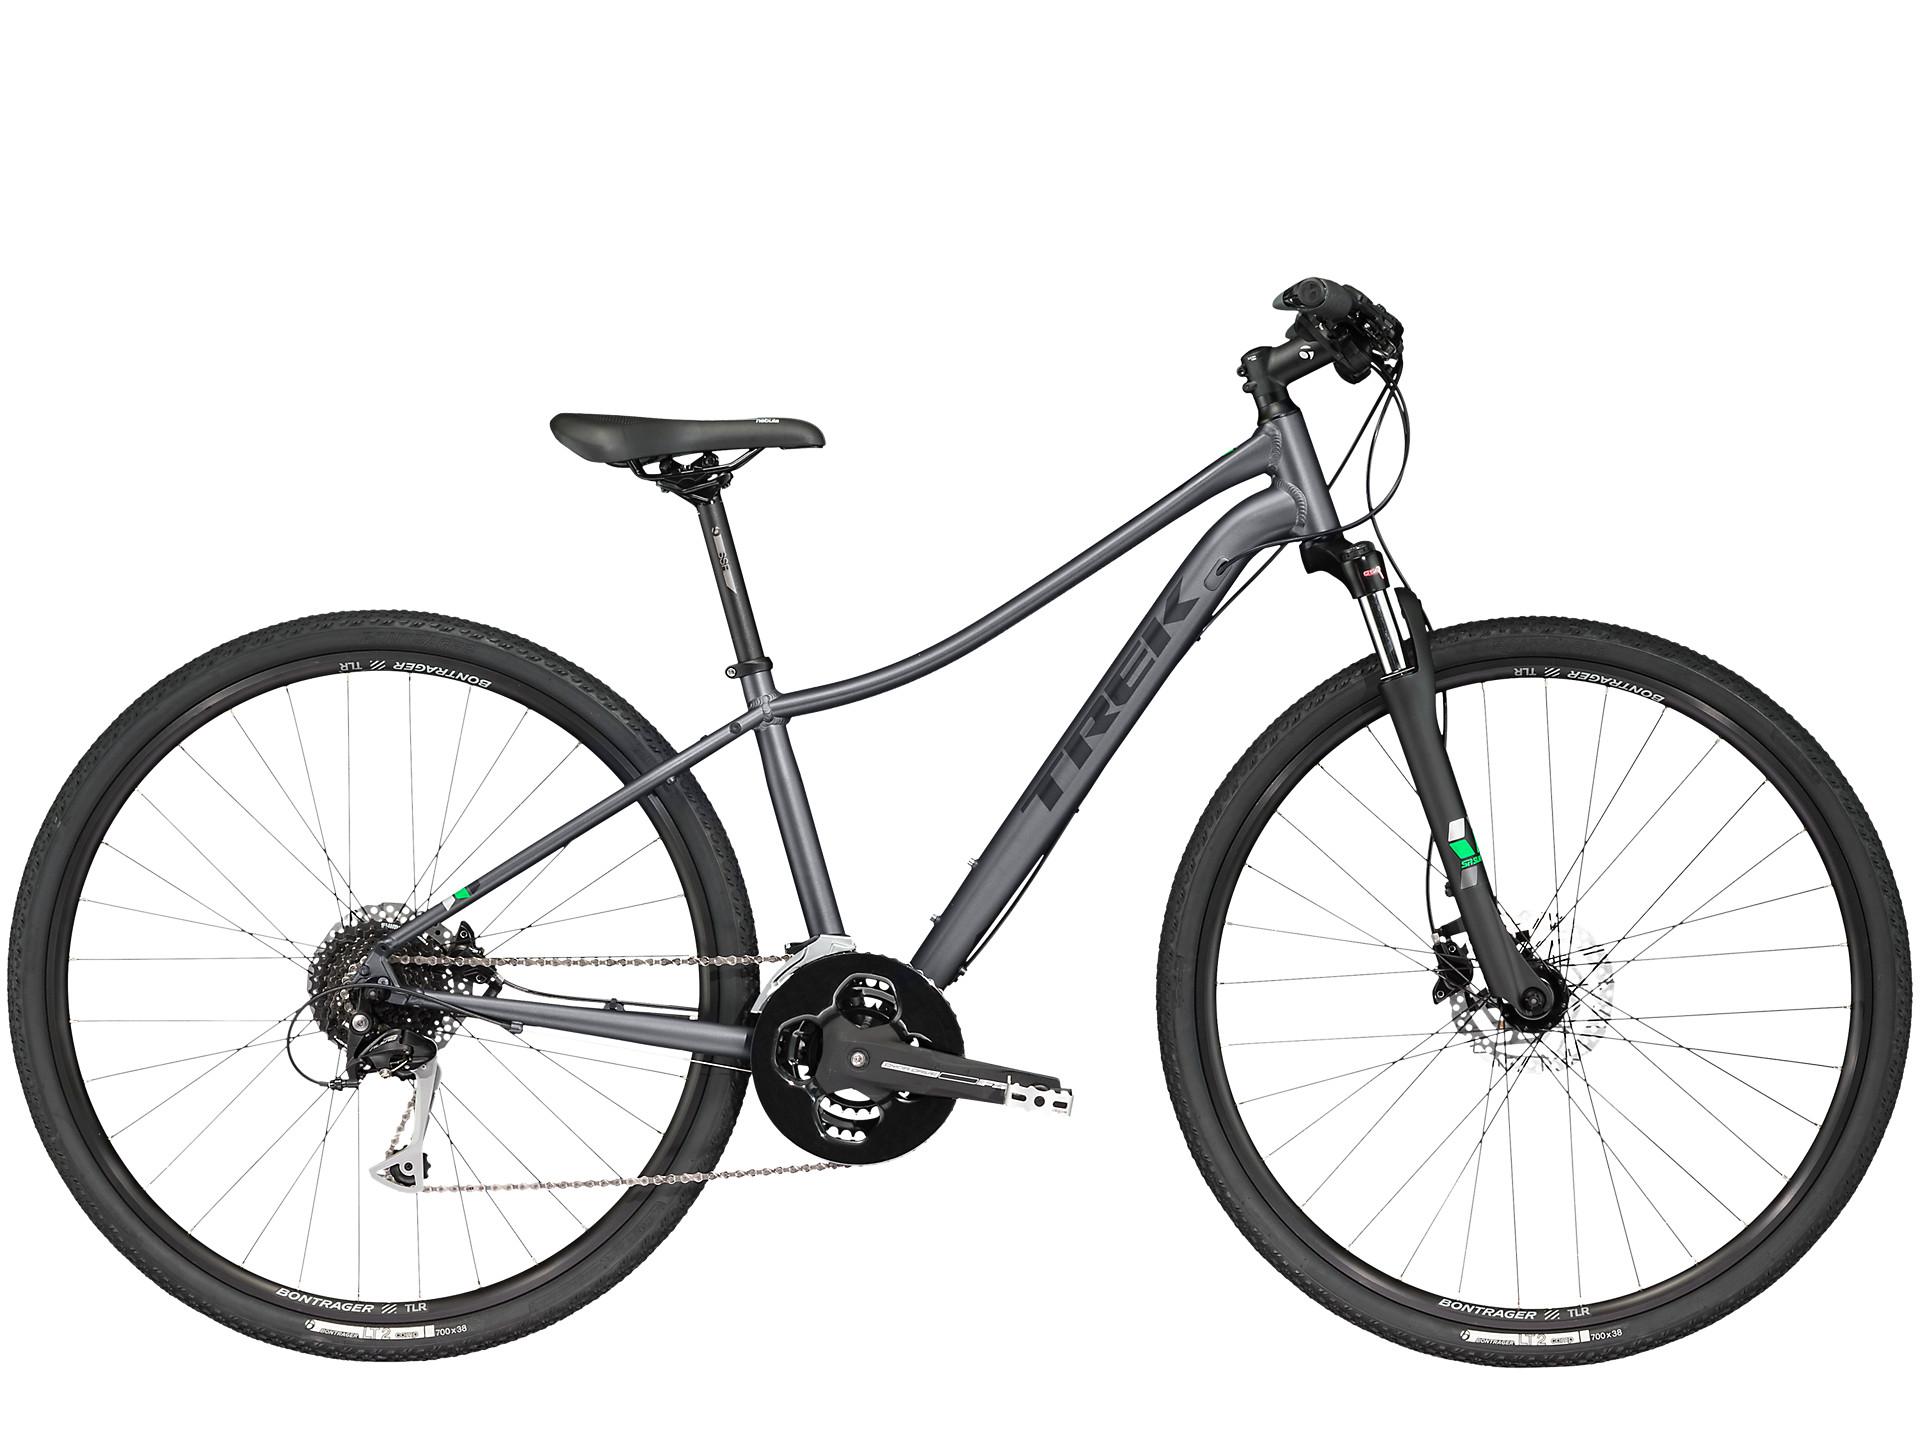 adee1da3fc5 Neko 3 Dames | Trek Bikes (NL)